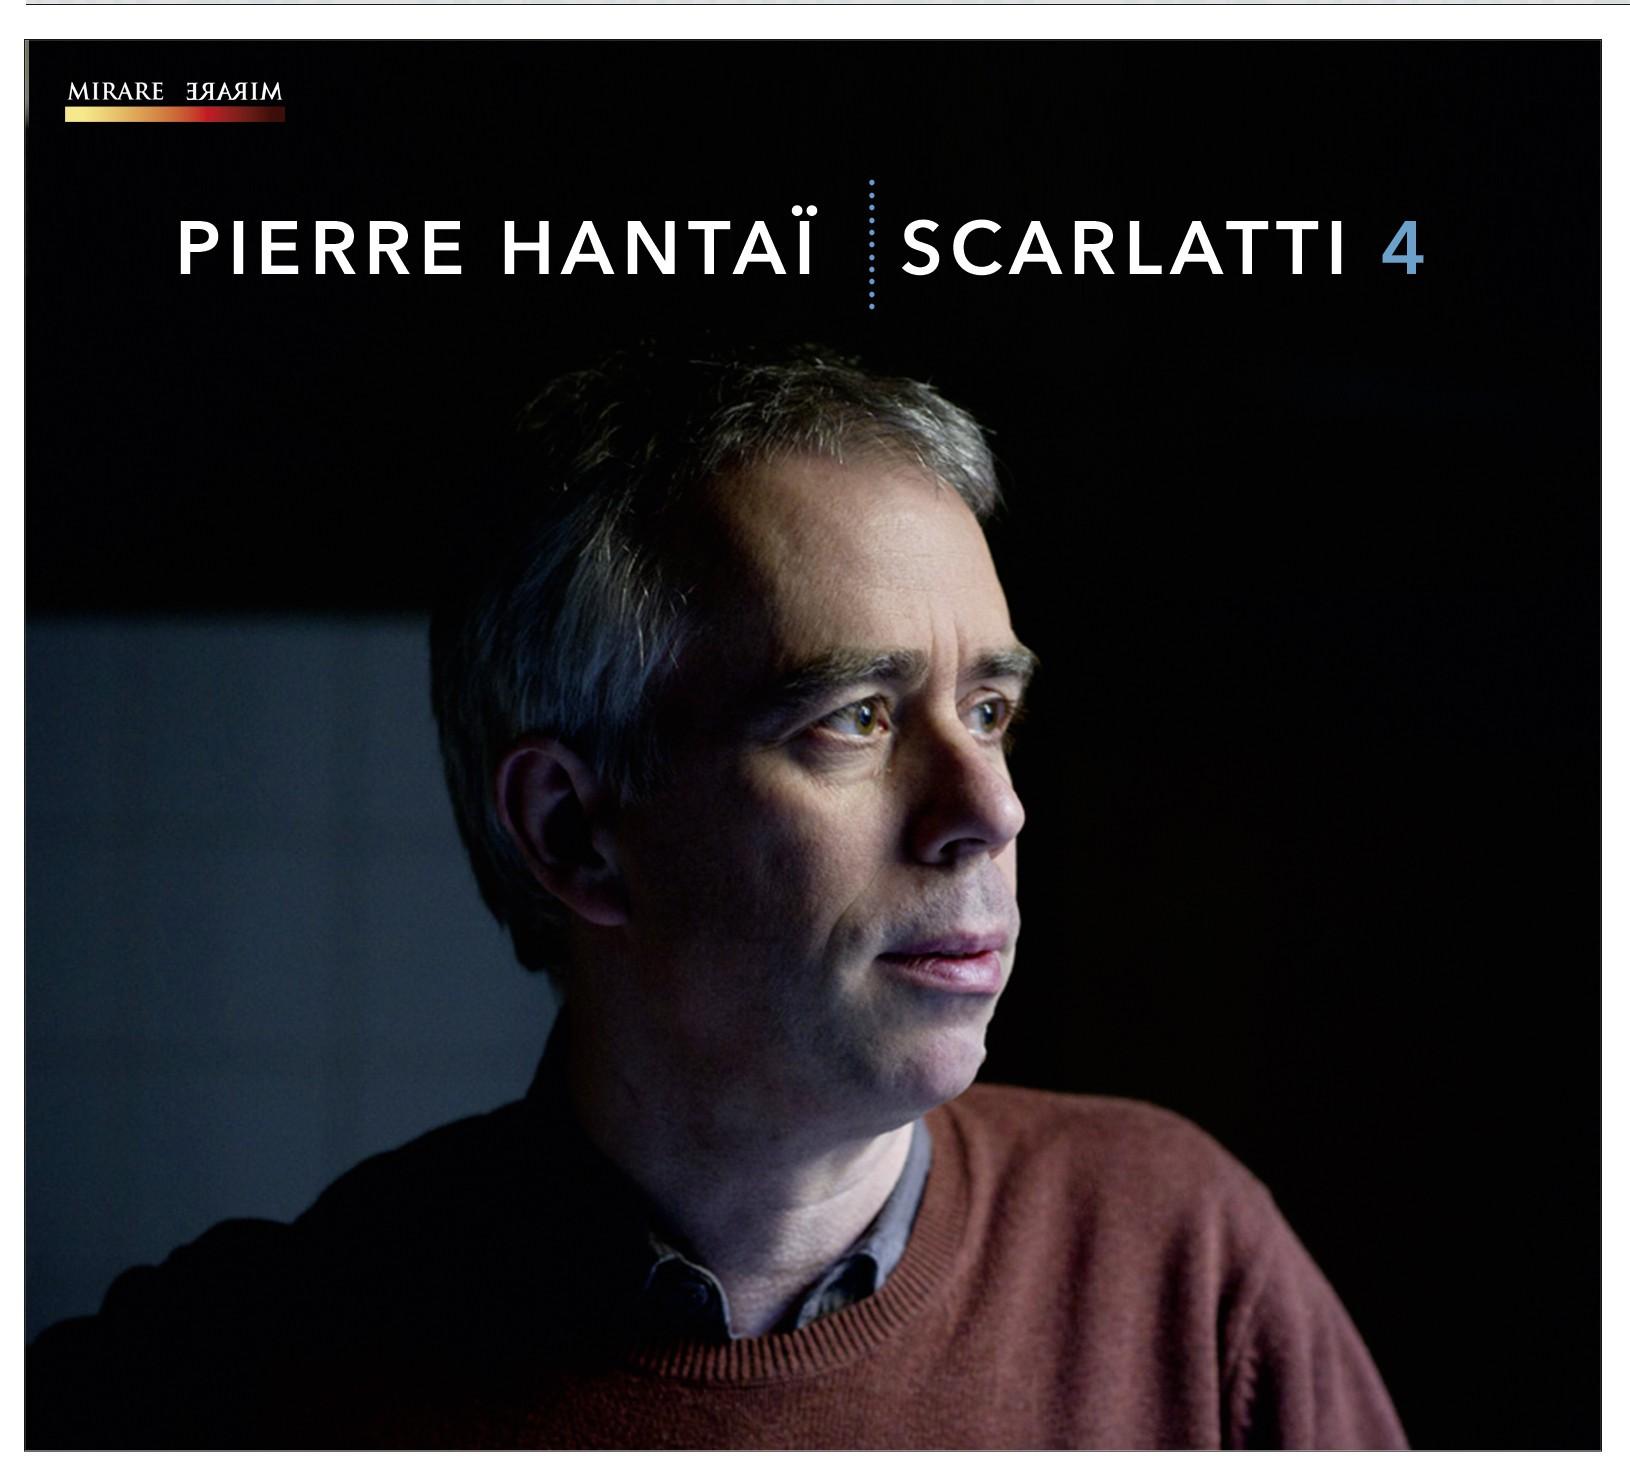 Domenico Scarlatti: discographie sélective - Page 5 Domeni10